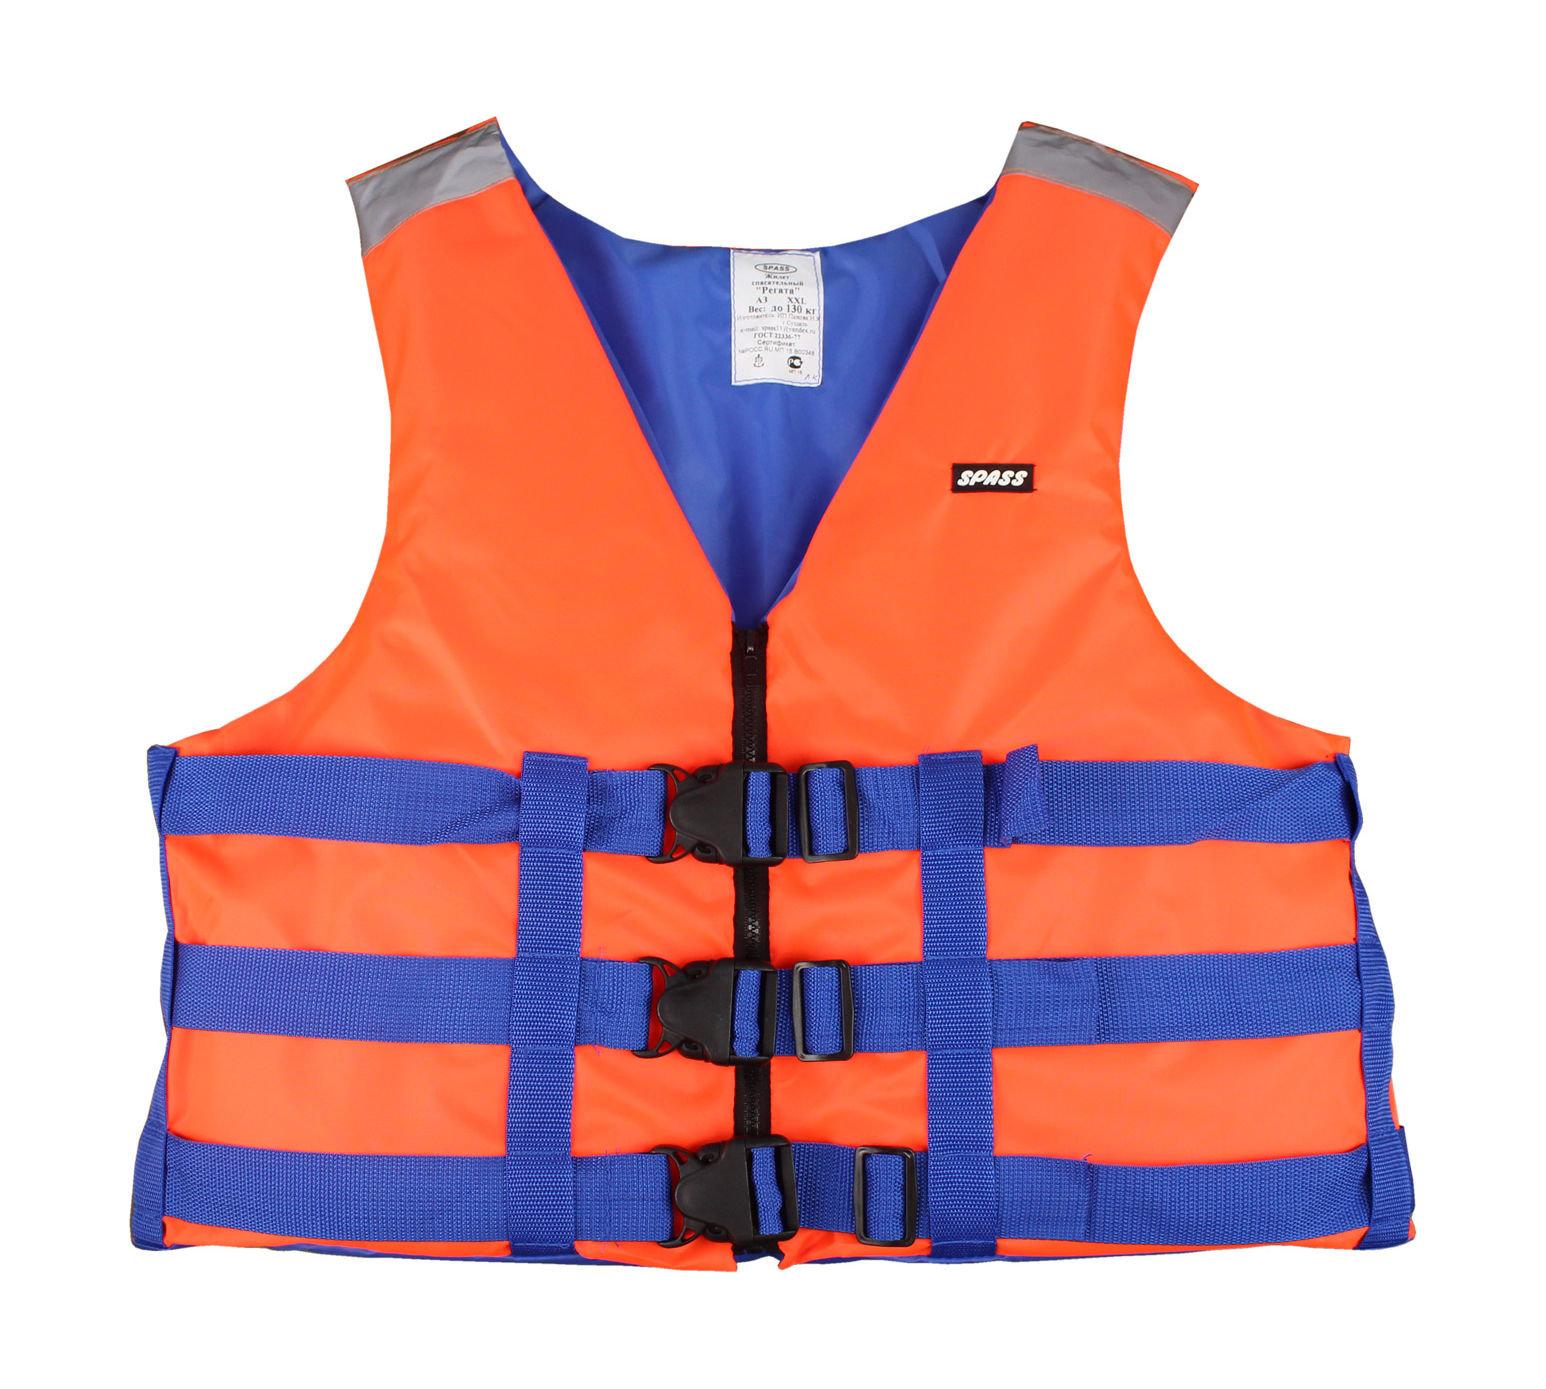 Жилет спасательный Регата до 100 (130) кг regata130